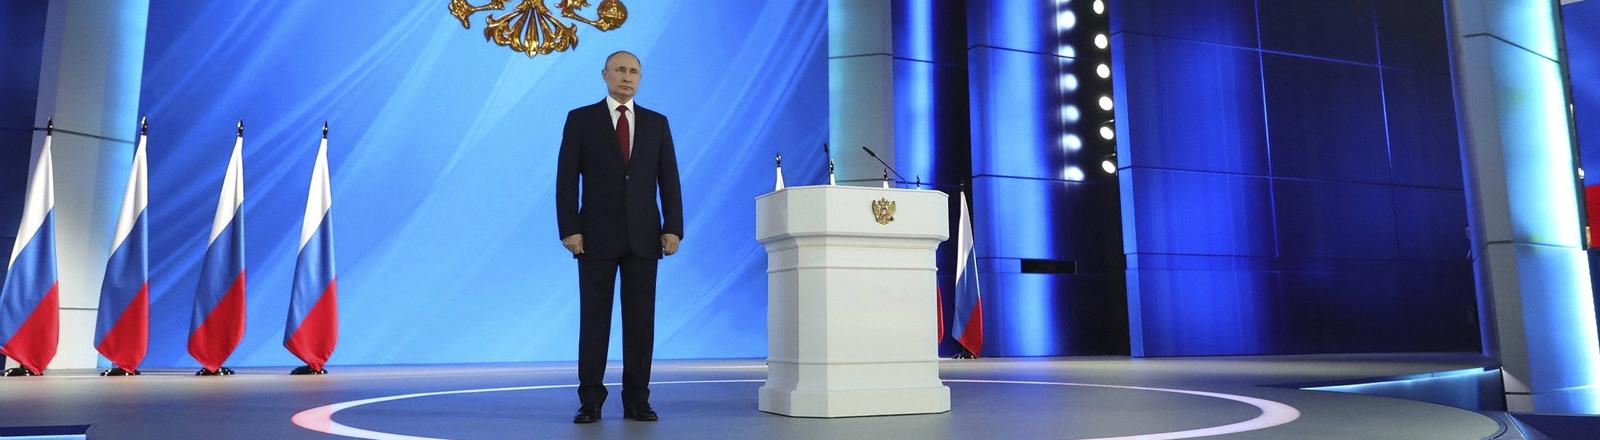 Wladimir Putin am 15. Januar 2020 vor seiner Rede an die Nation